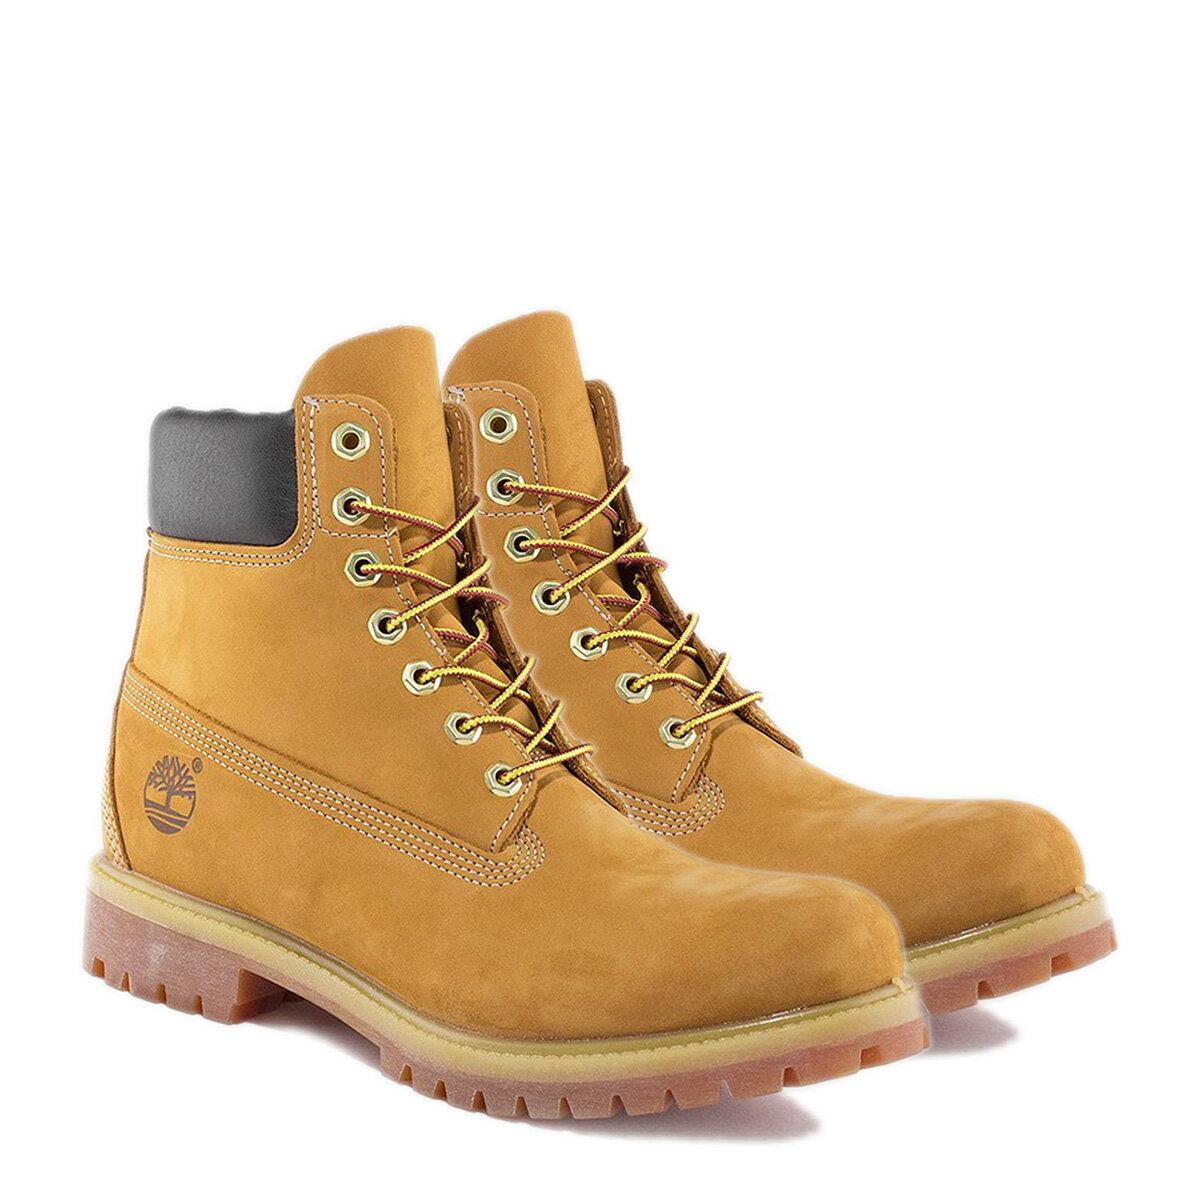 【最大2000円OFFクーポン】 Timberland MENS 6-INCH PREMIUM WATERPROOF BOOTS ティンバーランド ブーツ メンズ 6インチ イエロー 10061